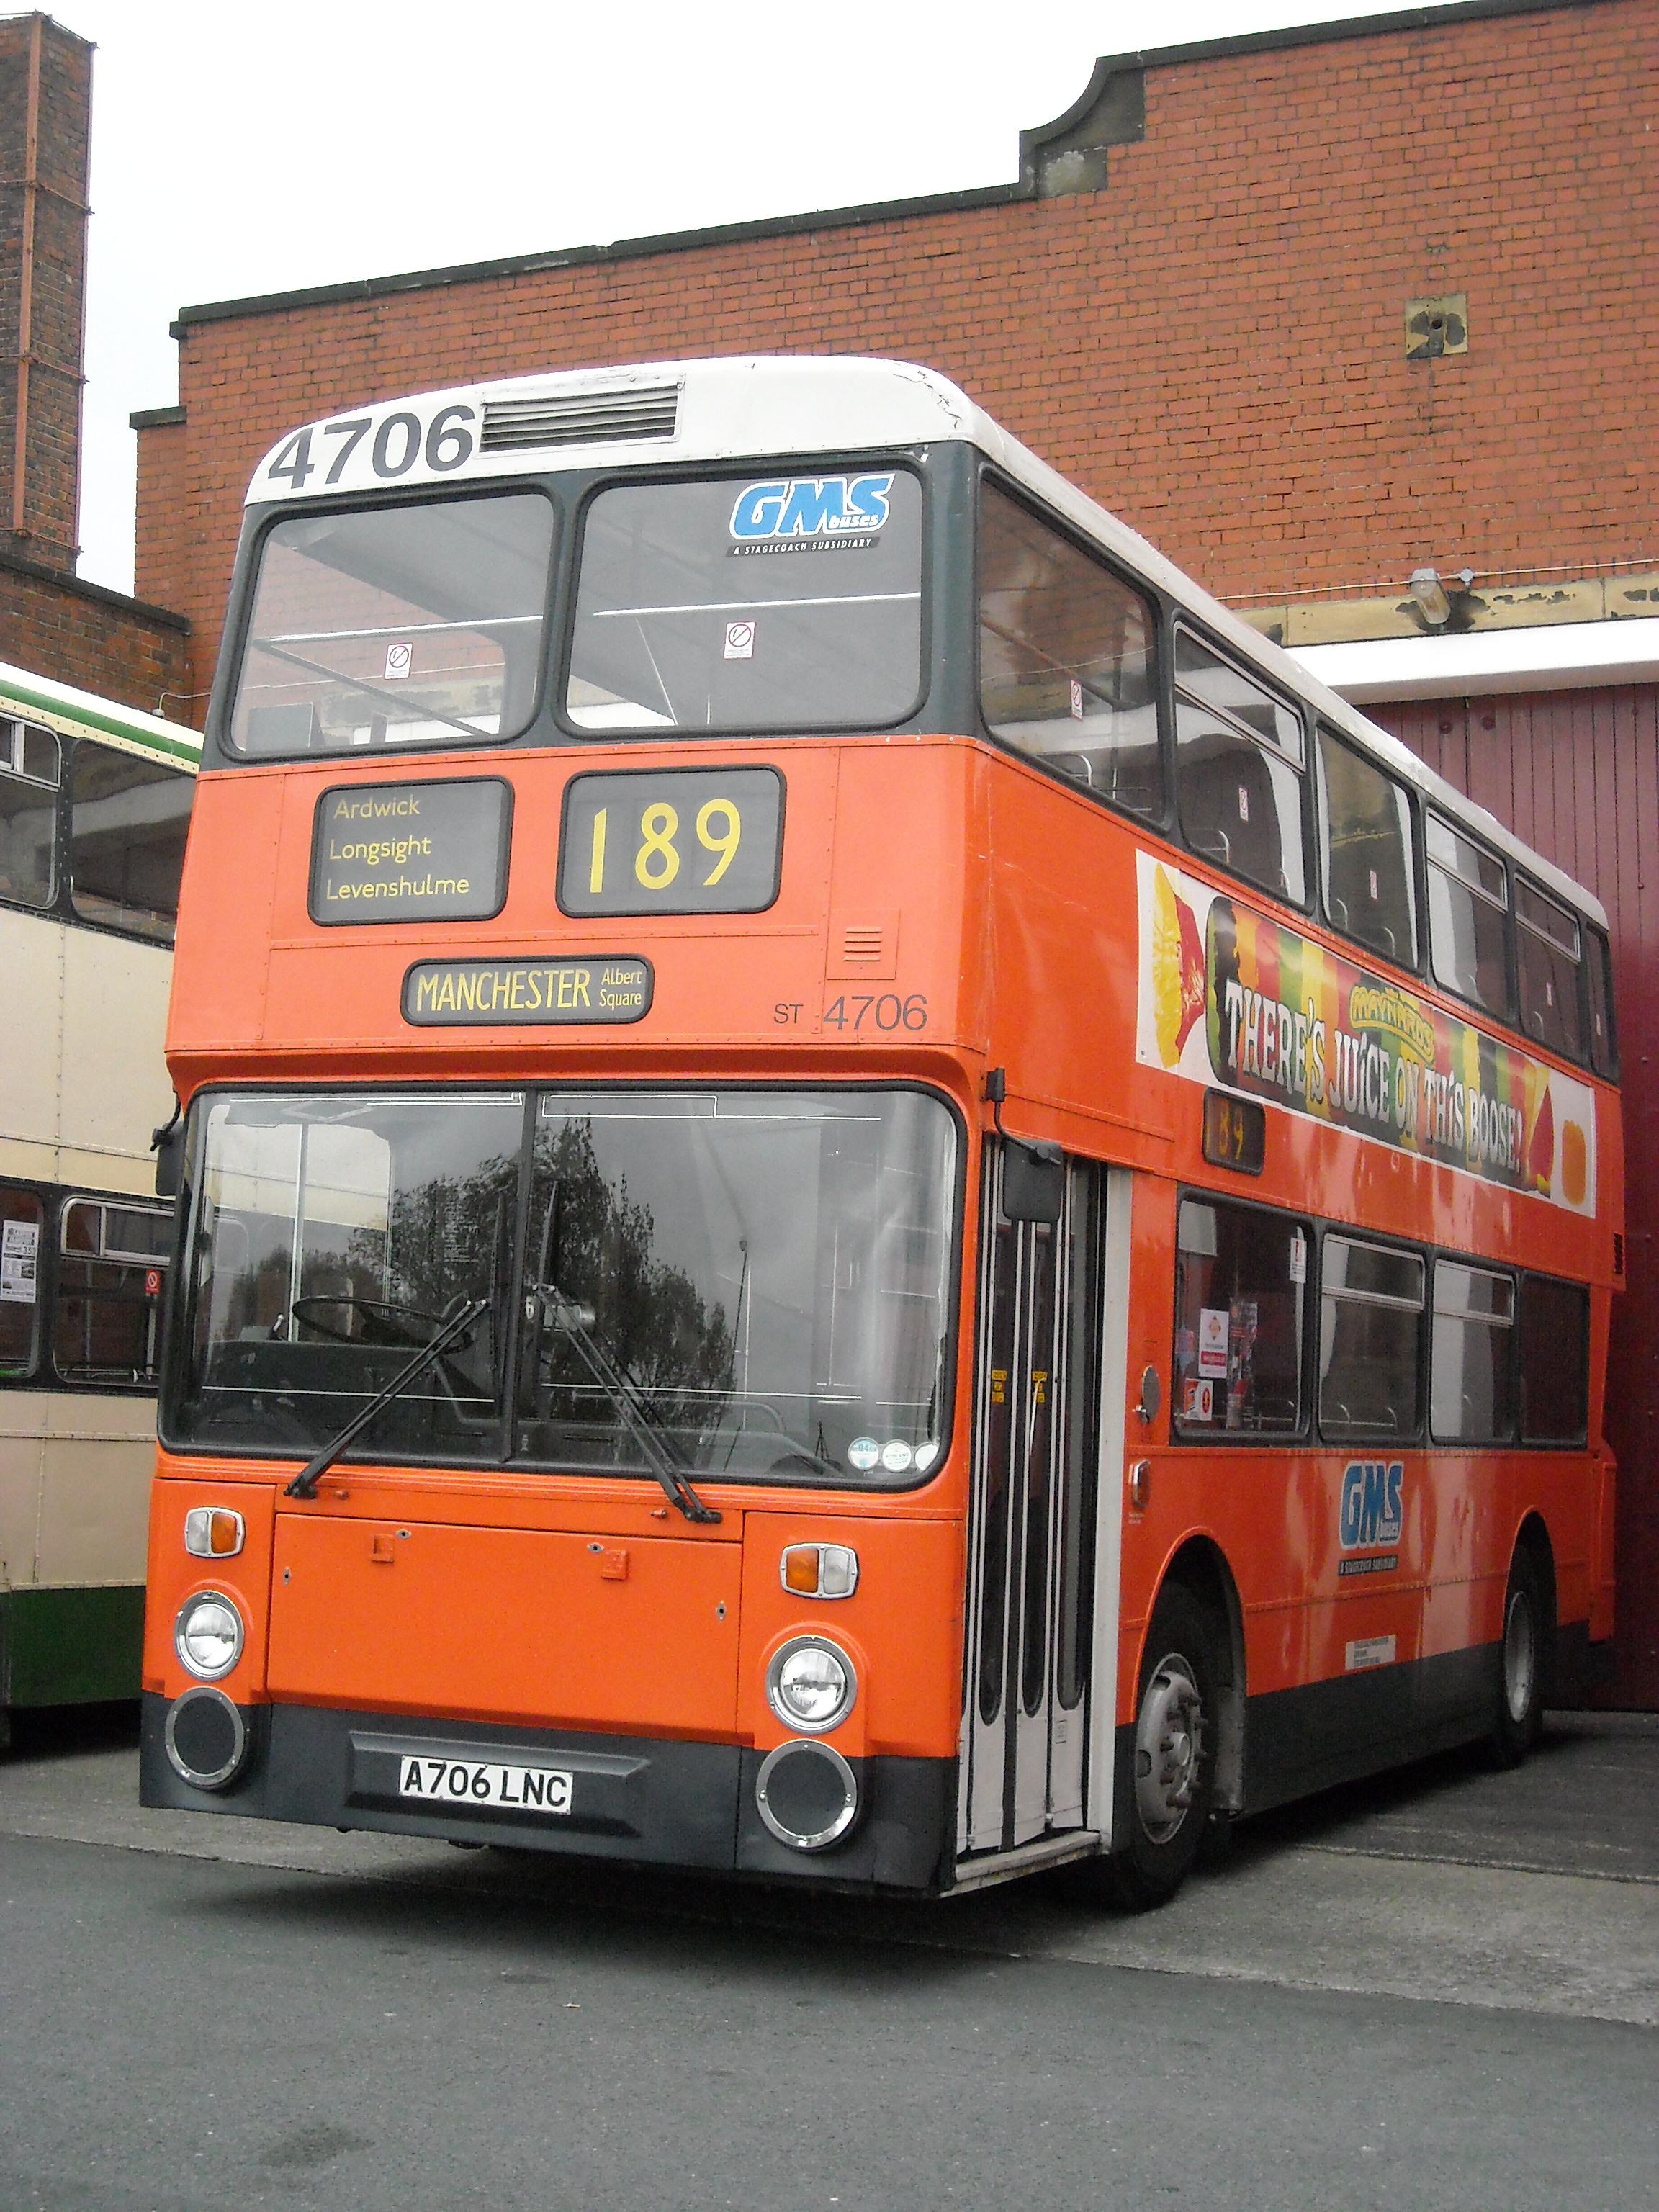 File:GM Buses South bus 4706 (A706 LNC ), MMT Atlantean 50 event (4